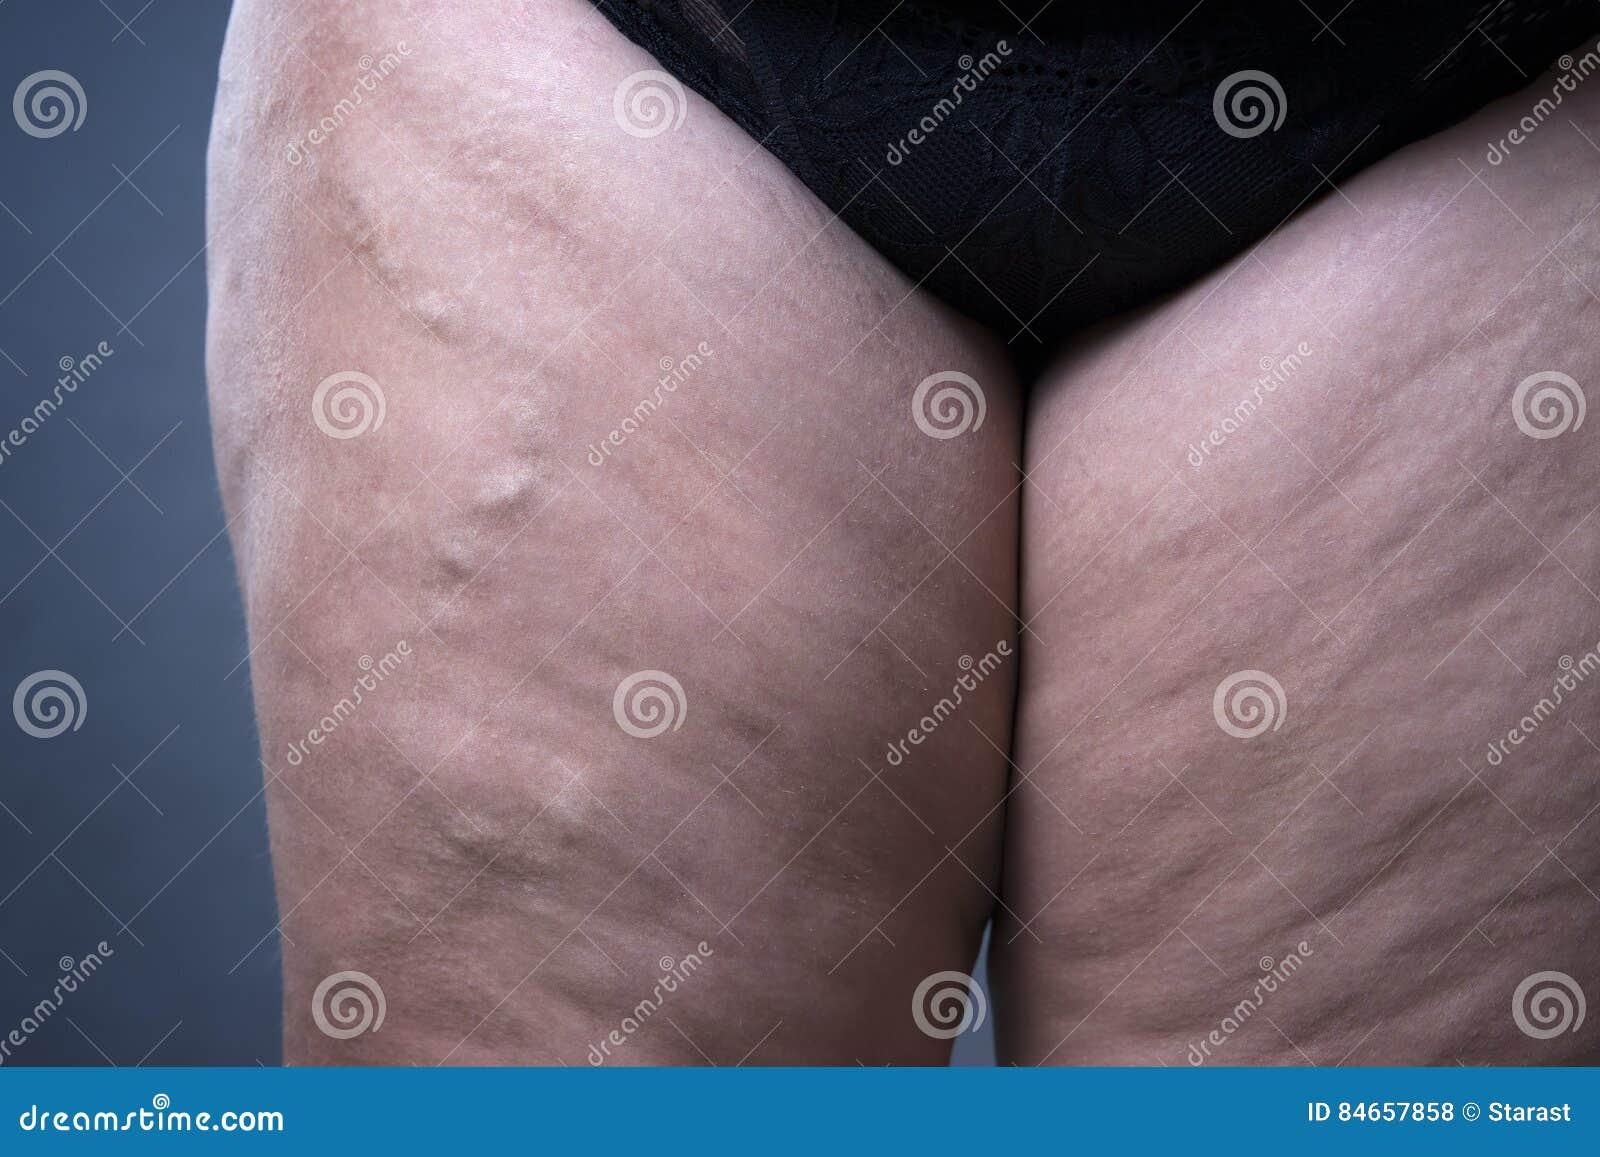 静脉曲张特写镜头,厚实的女性腿